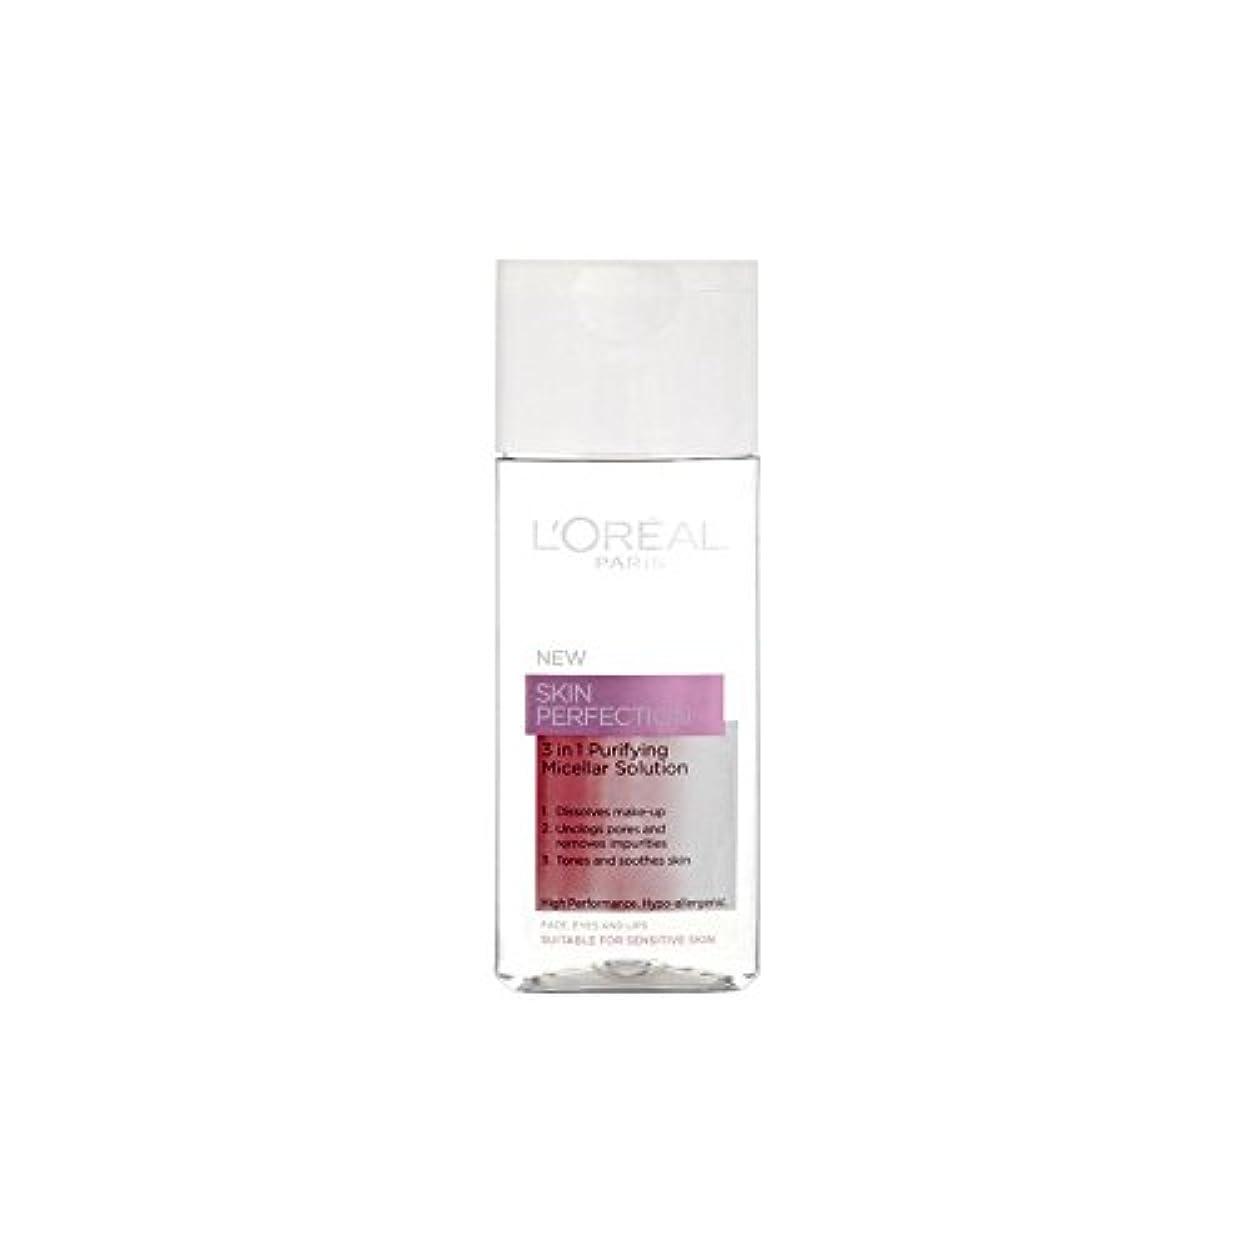 申し立てられた参照する迫害L'Oreal Paris Dermo Expertise Skin Perfection 3 In 1 Purifying Micellar Solution (200ml) (Pack of 6) - 1つの精製ミセル溶液中ロレアルパリ?ダーモ専門知識の皮膚完璧3(200ミリリットル) x6 [並行輸入品]